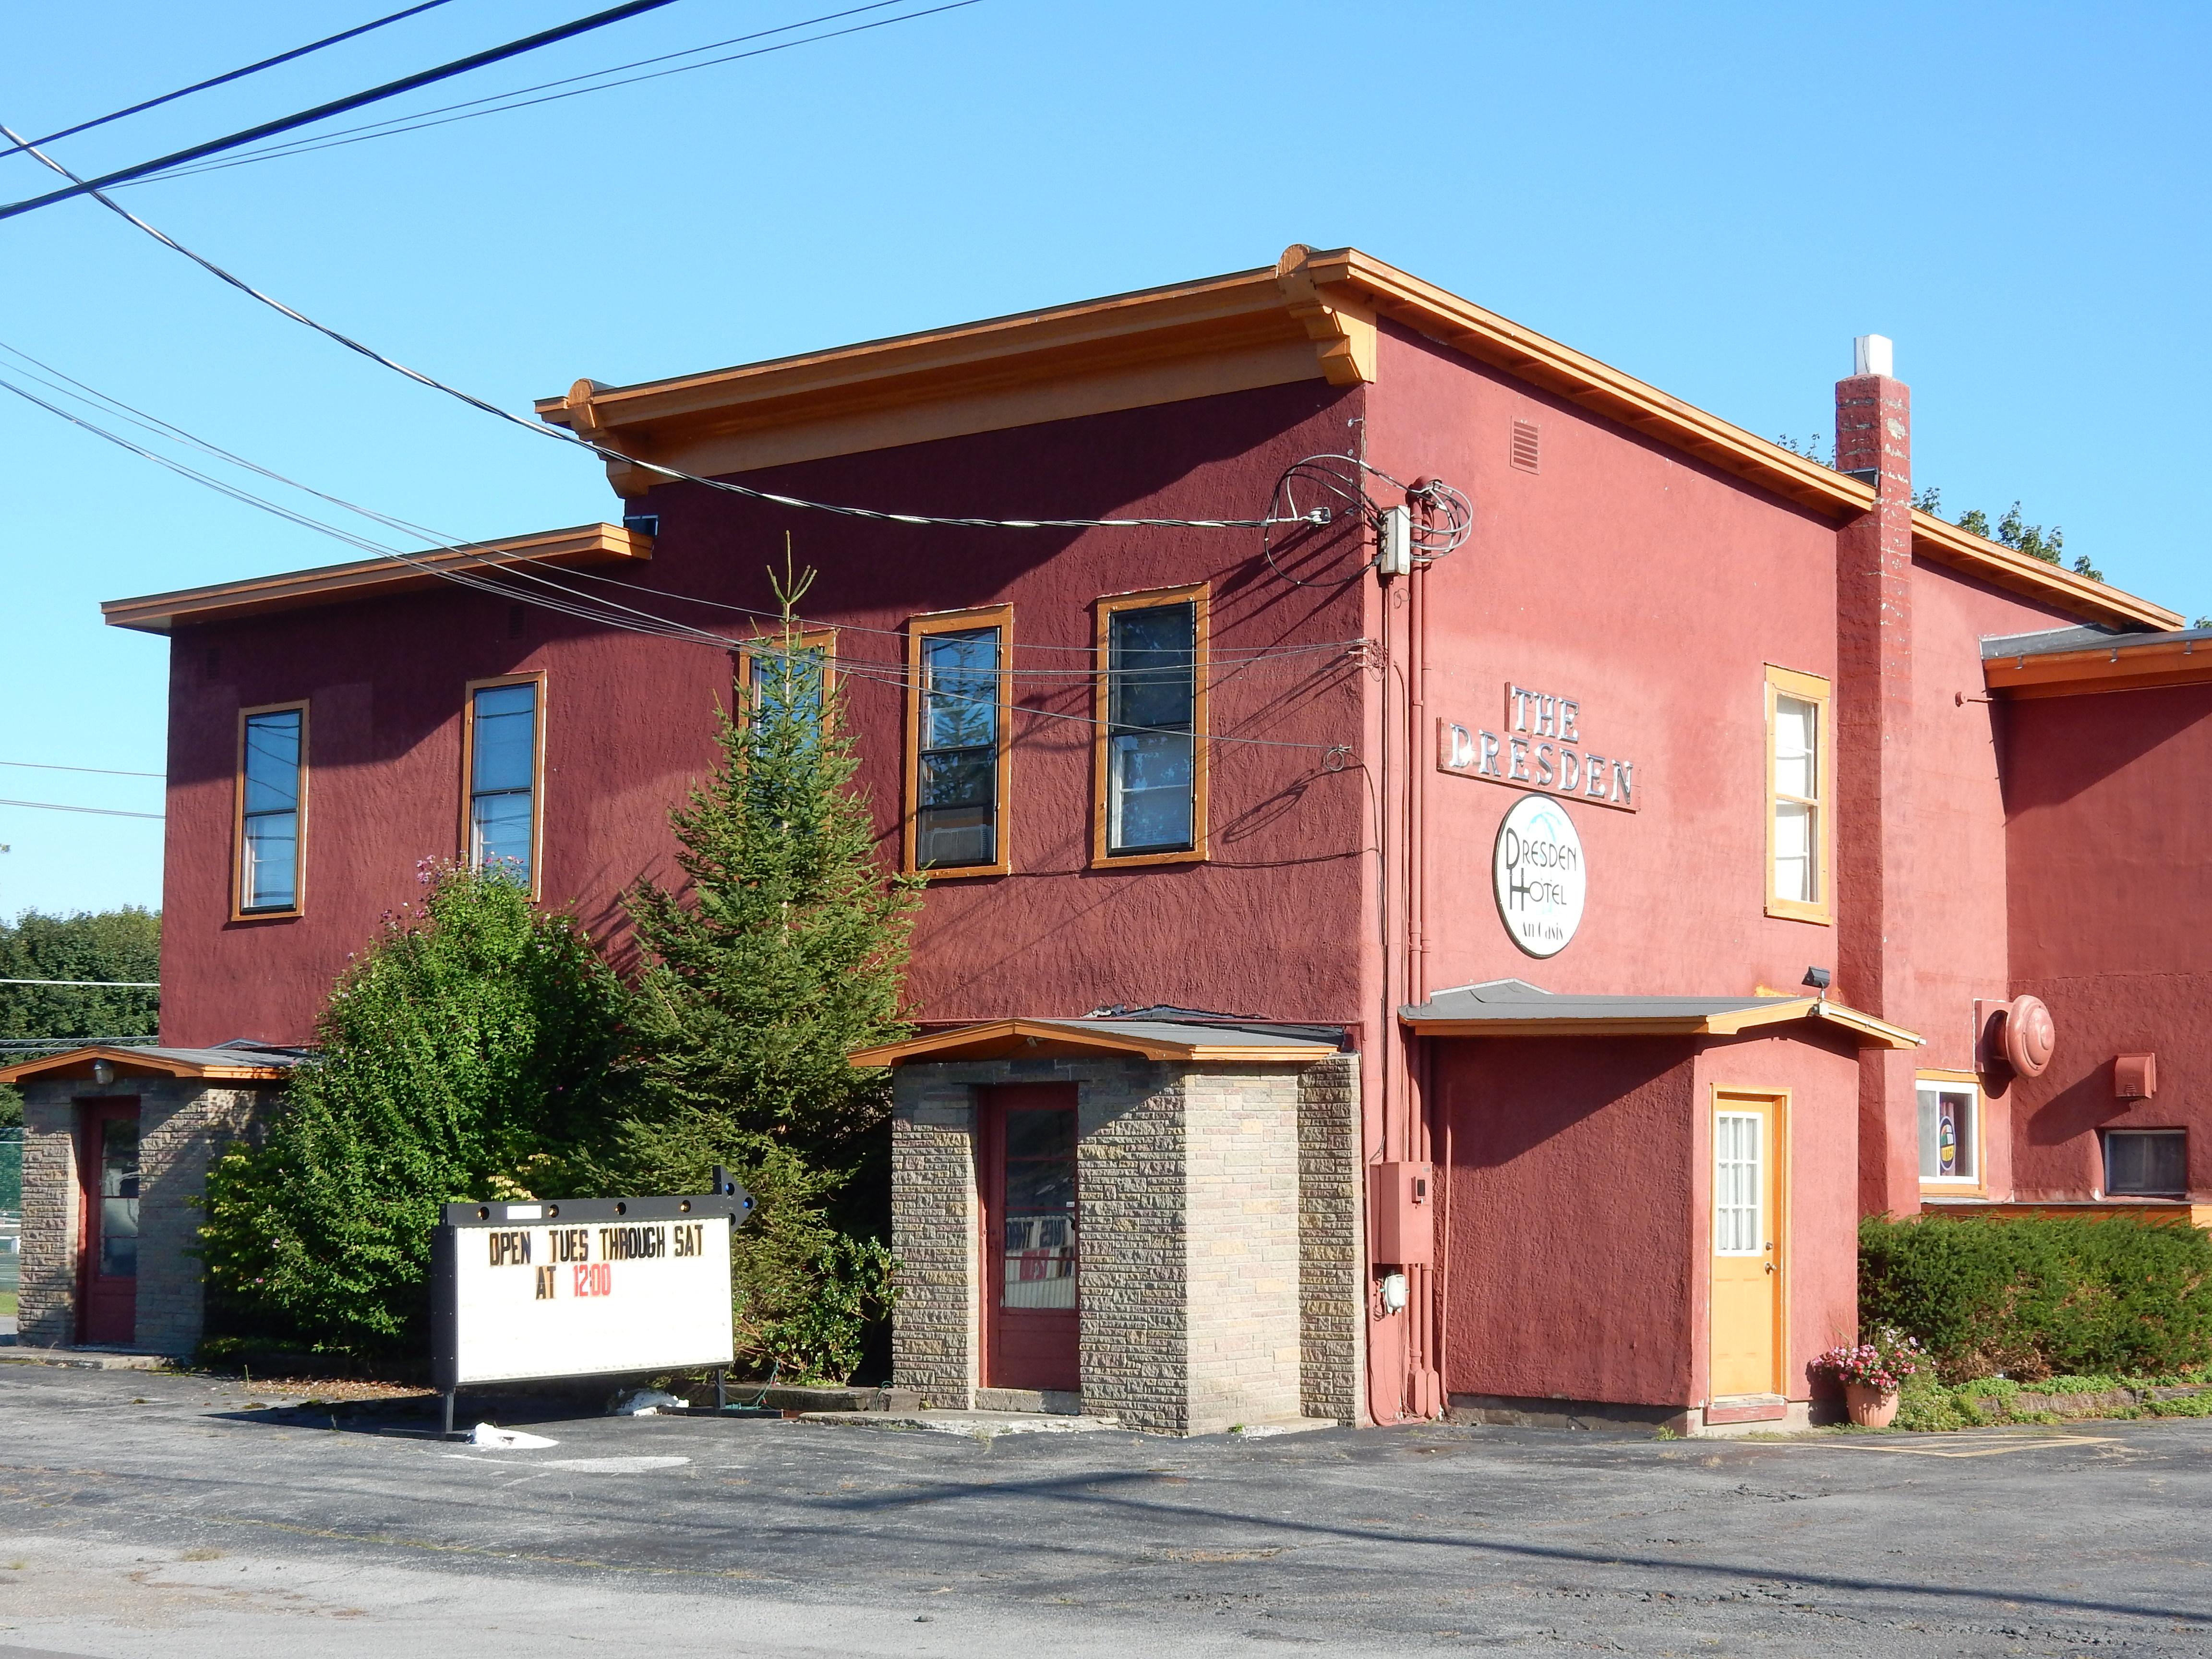 Yates County Ny Real Property